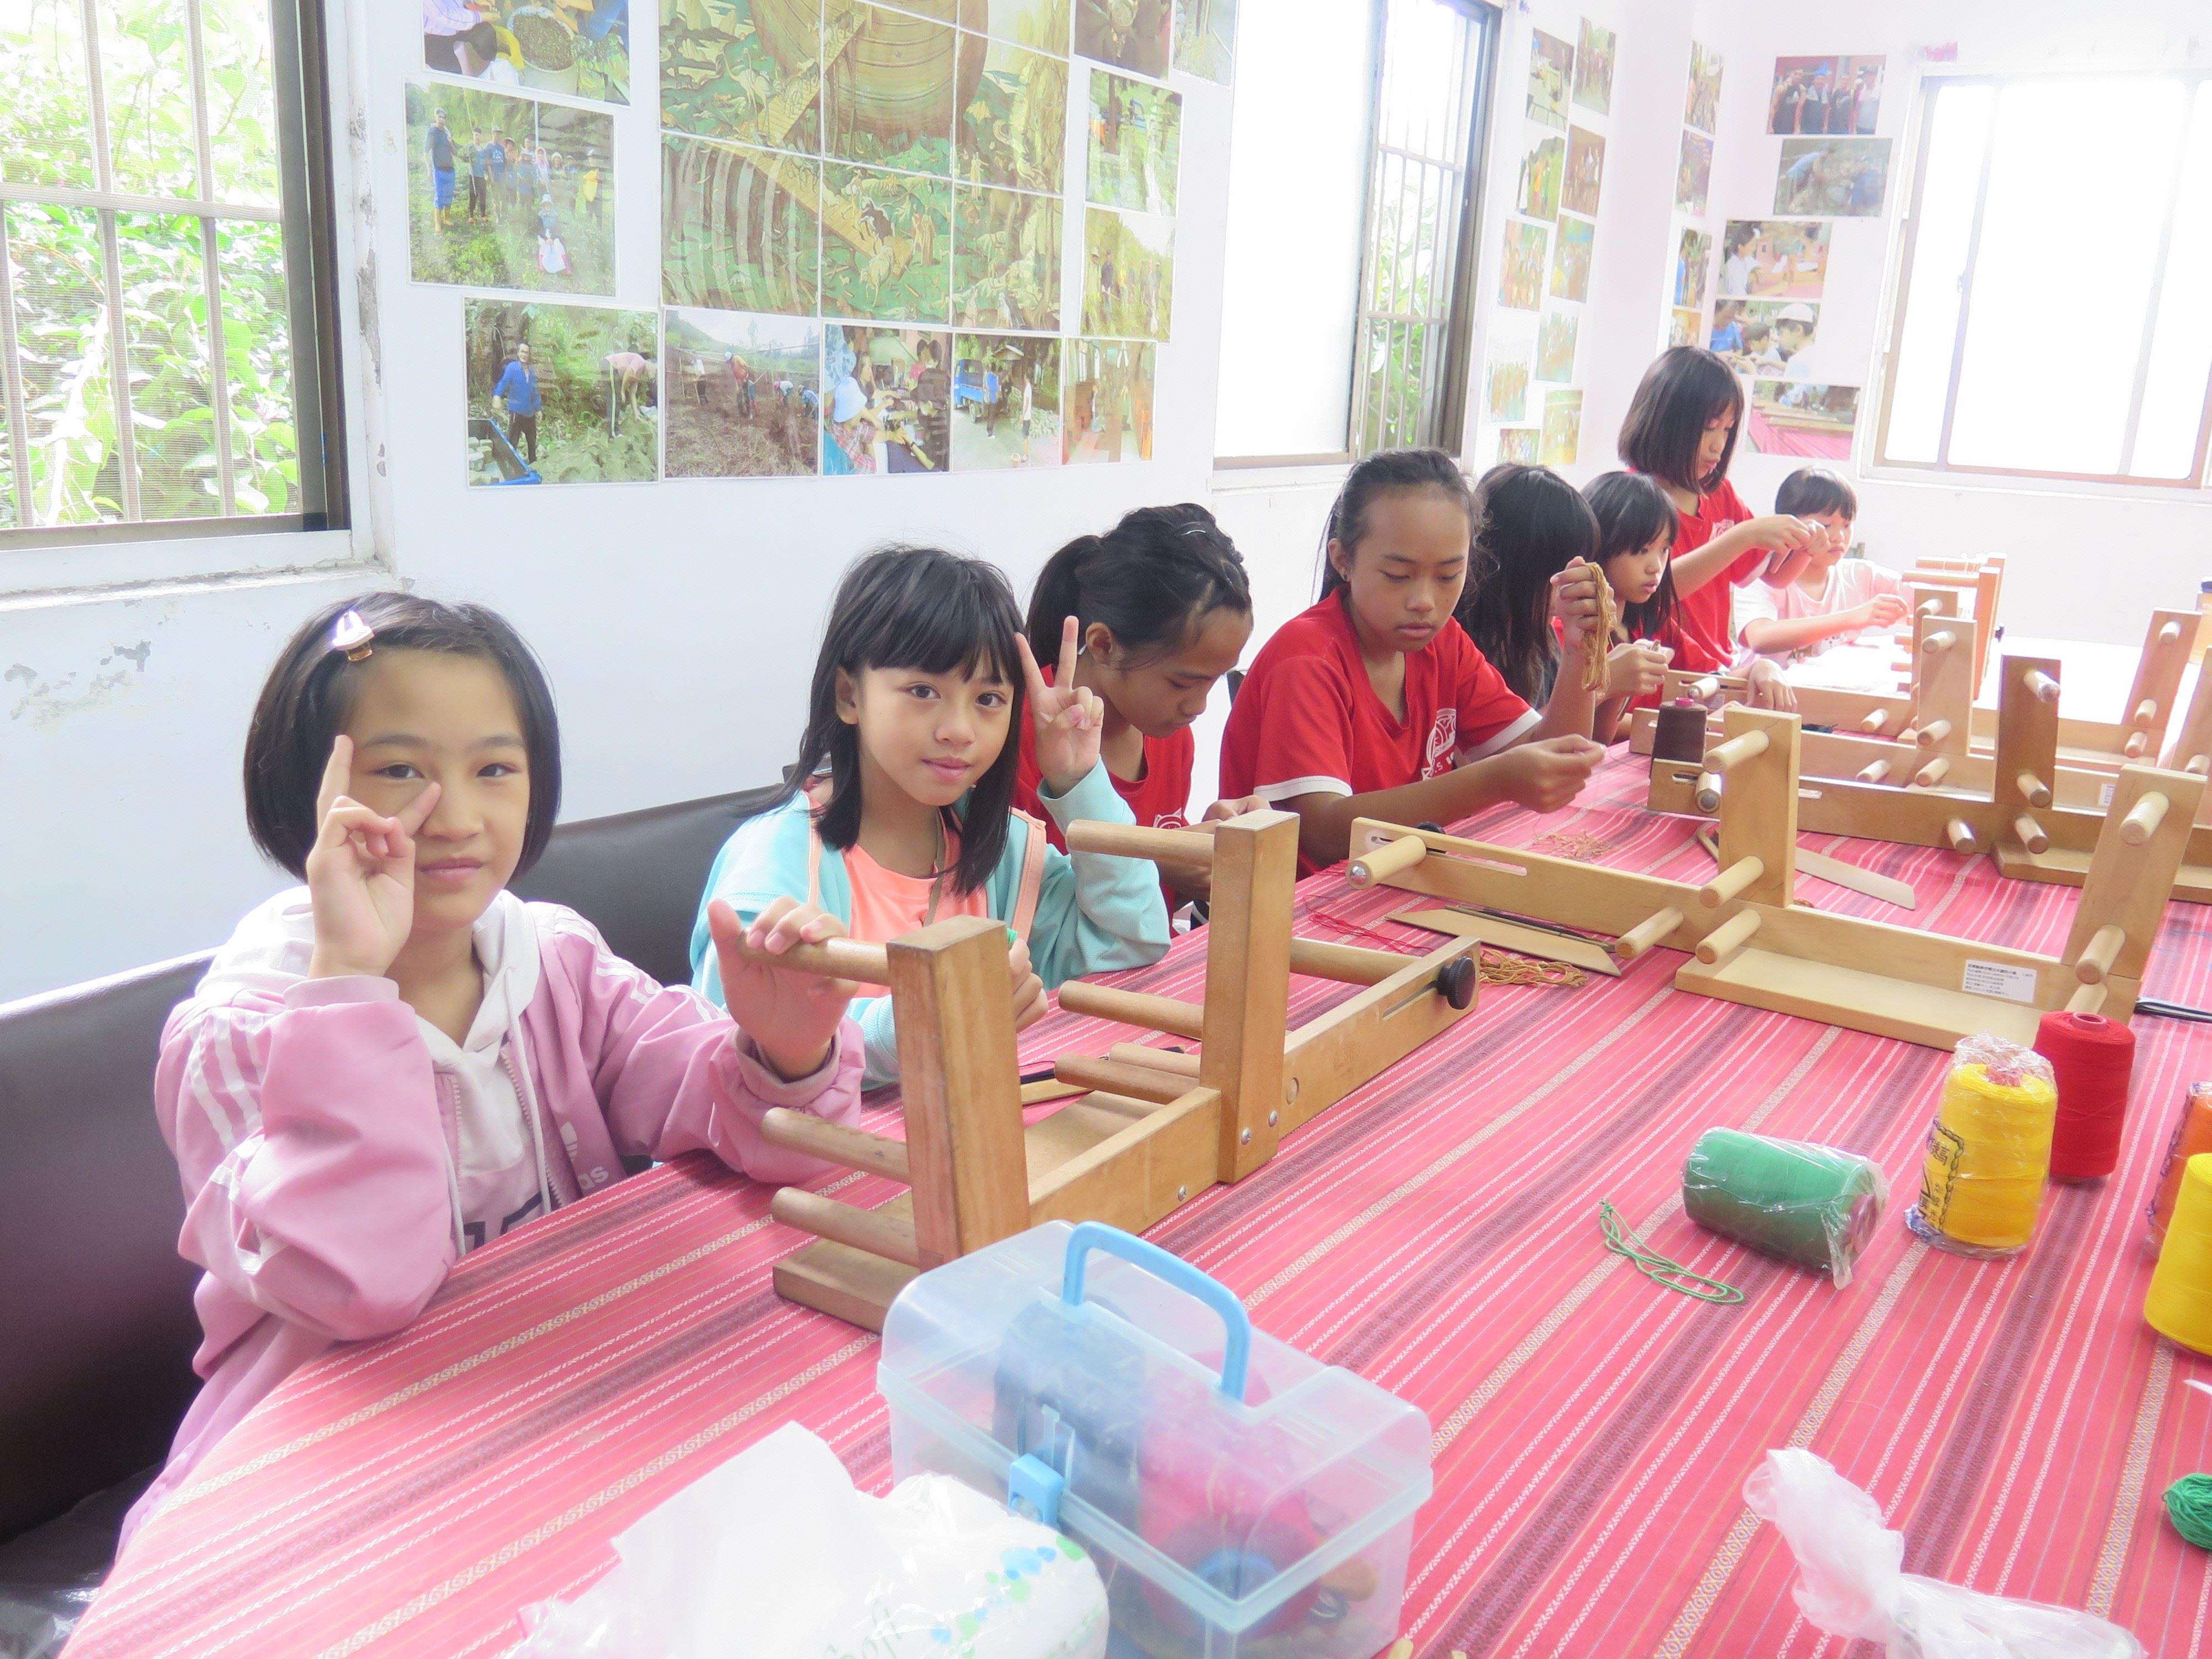 泰雅傳統技藝—織布課程